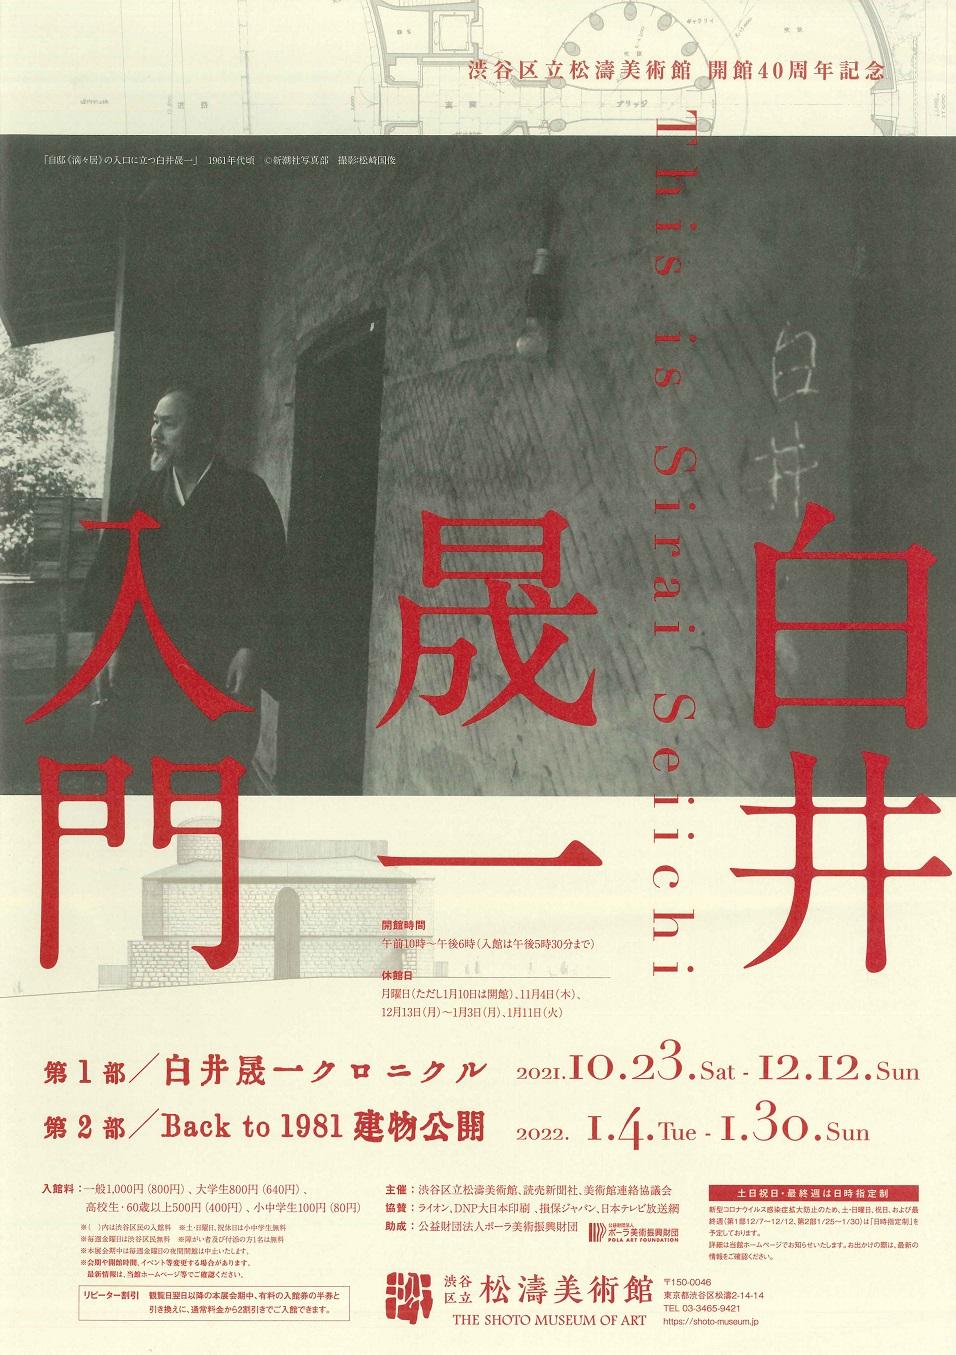 白井晟一入門<br>渋谷区立松濤美術館